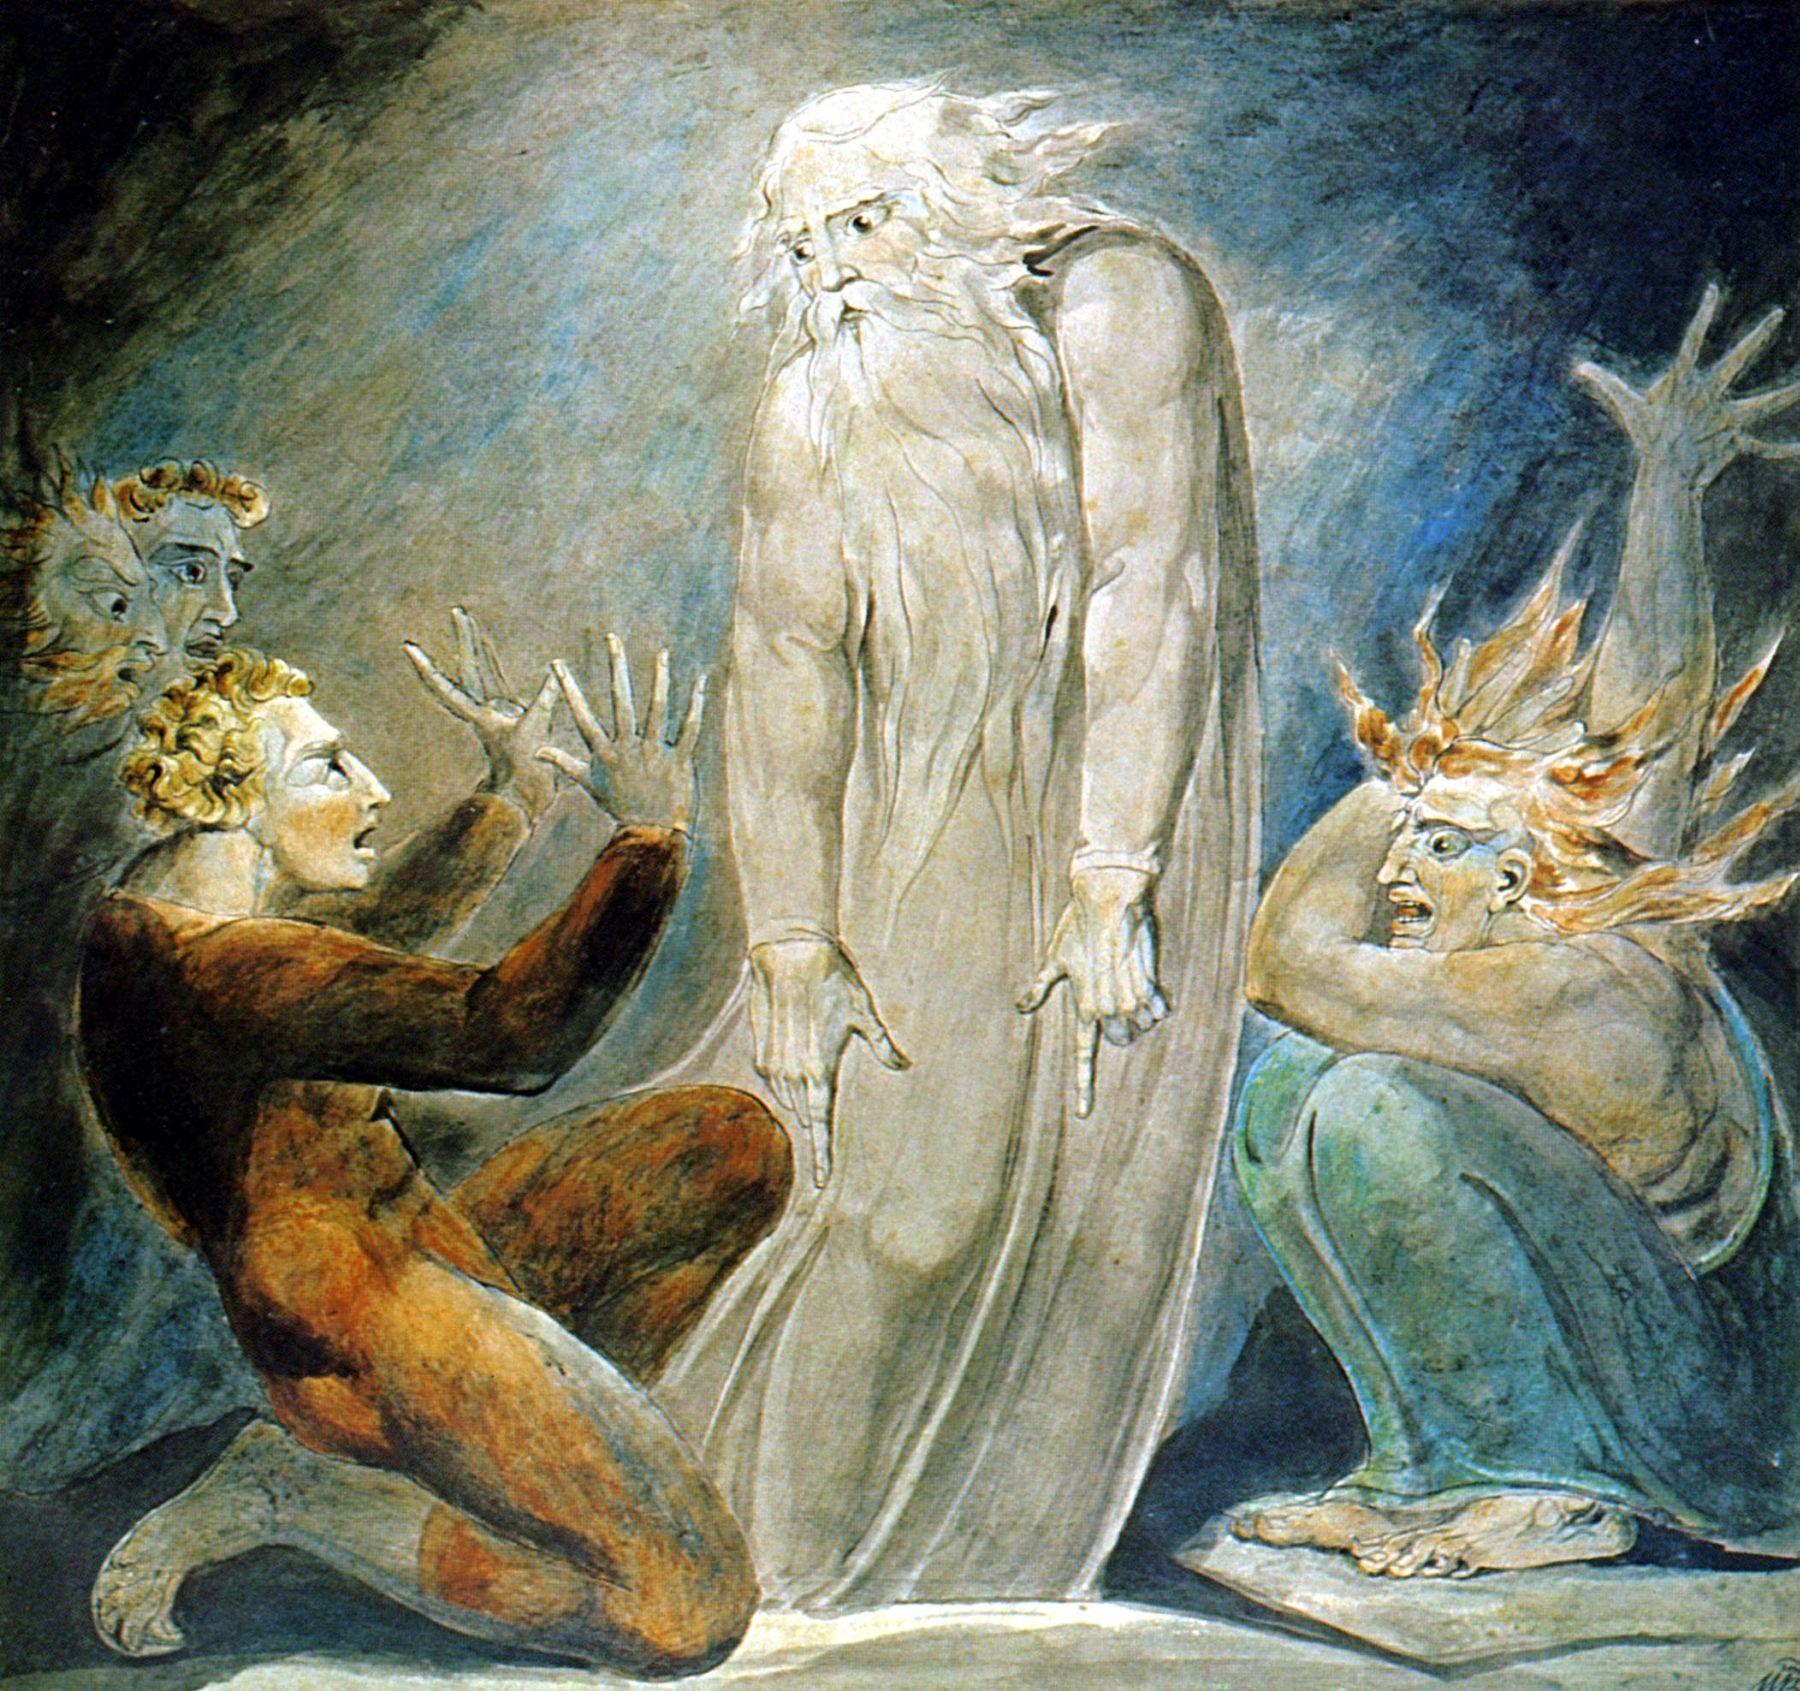 Уильям Блейк, Ведьма из Эн-Дора вызывает Дух Самуила